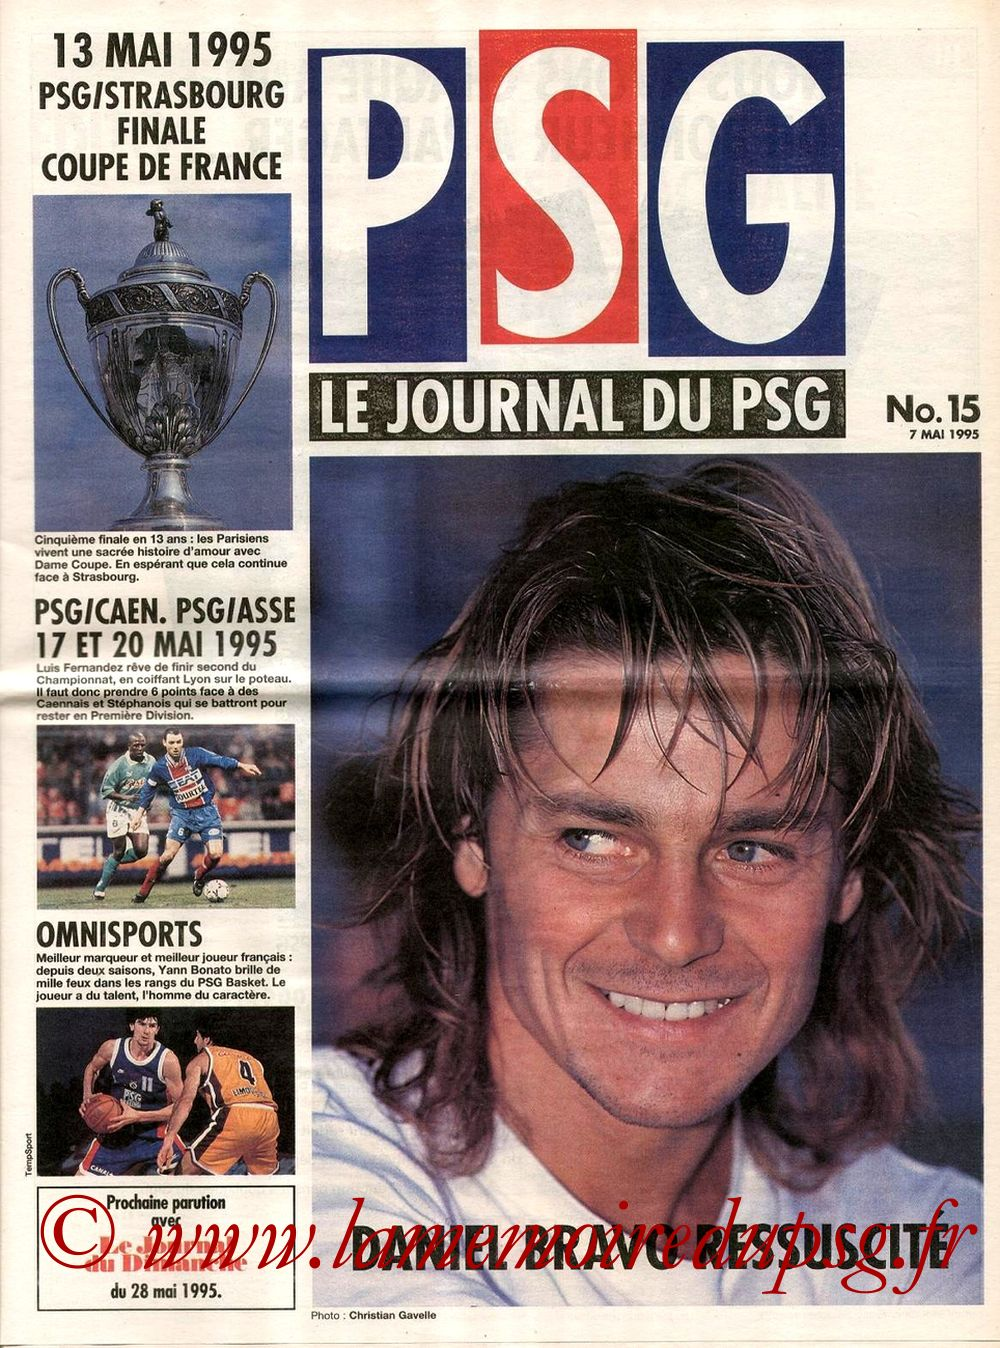 1995-05-20  PSG-Saint Etienne (36ème D1, Le journal du PSG N°15)